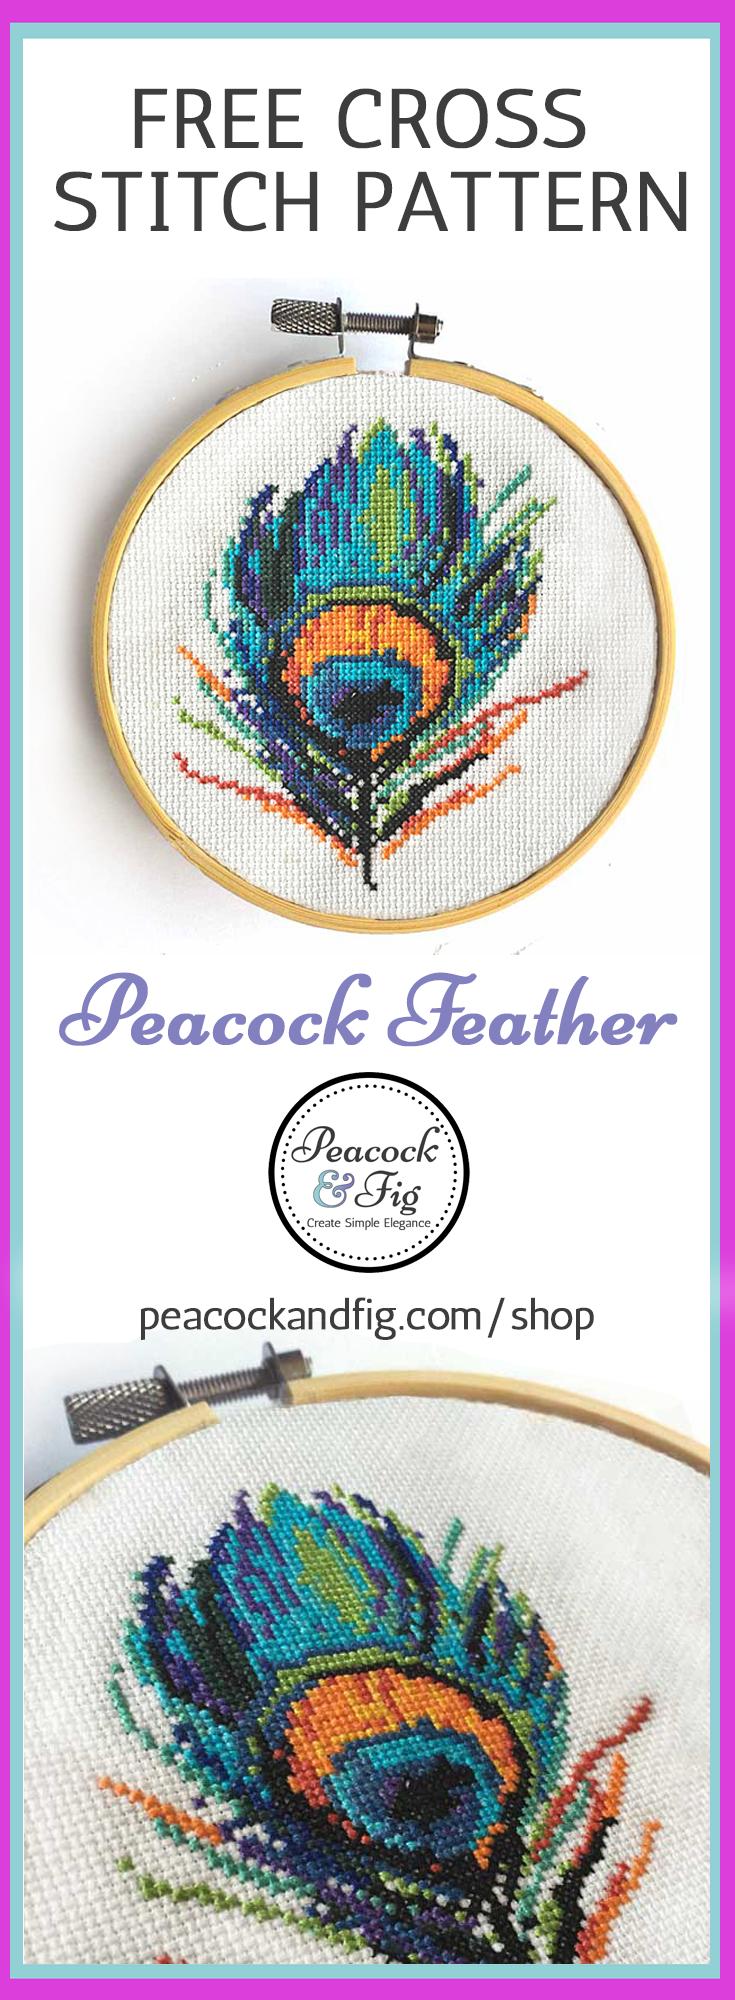 shop cross stitch patterns free cross stitch patterns peacock